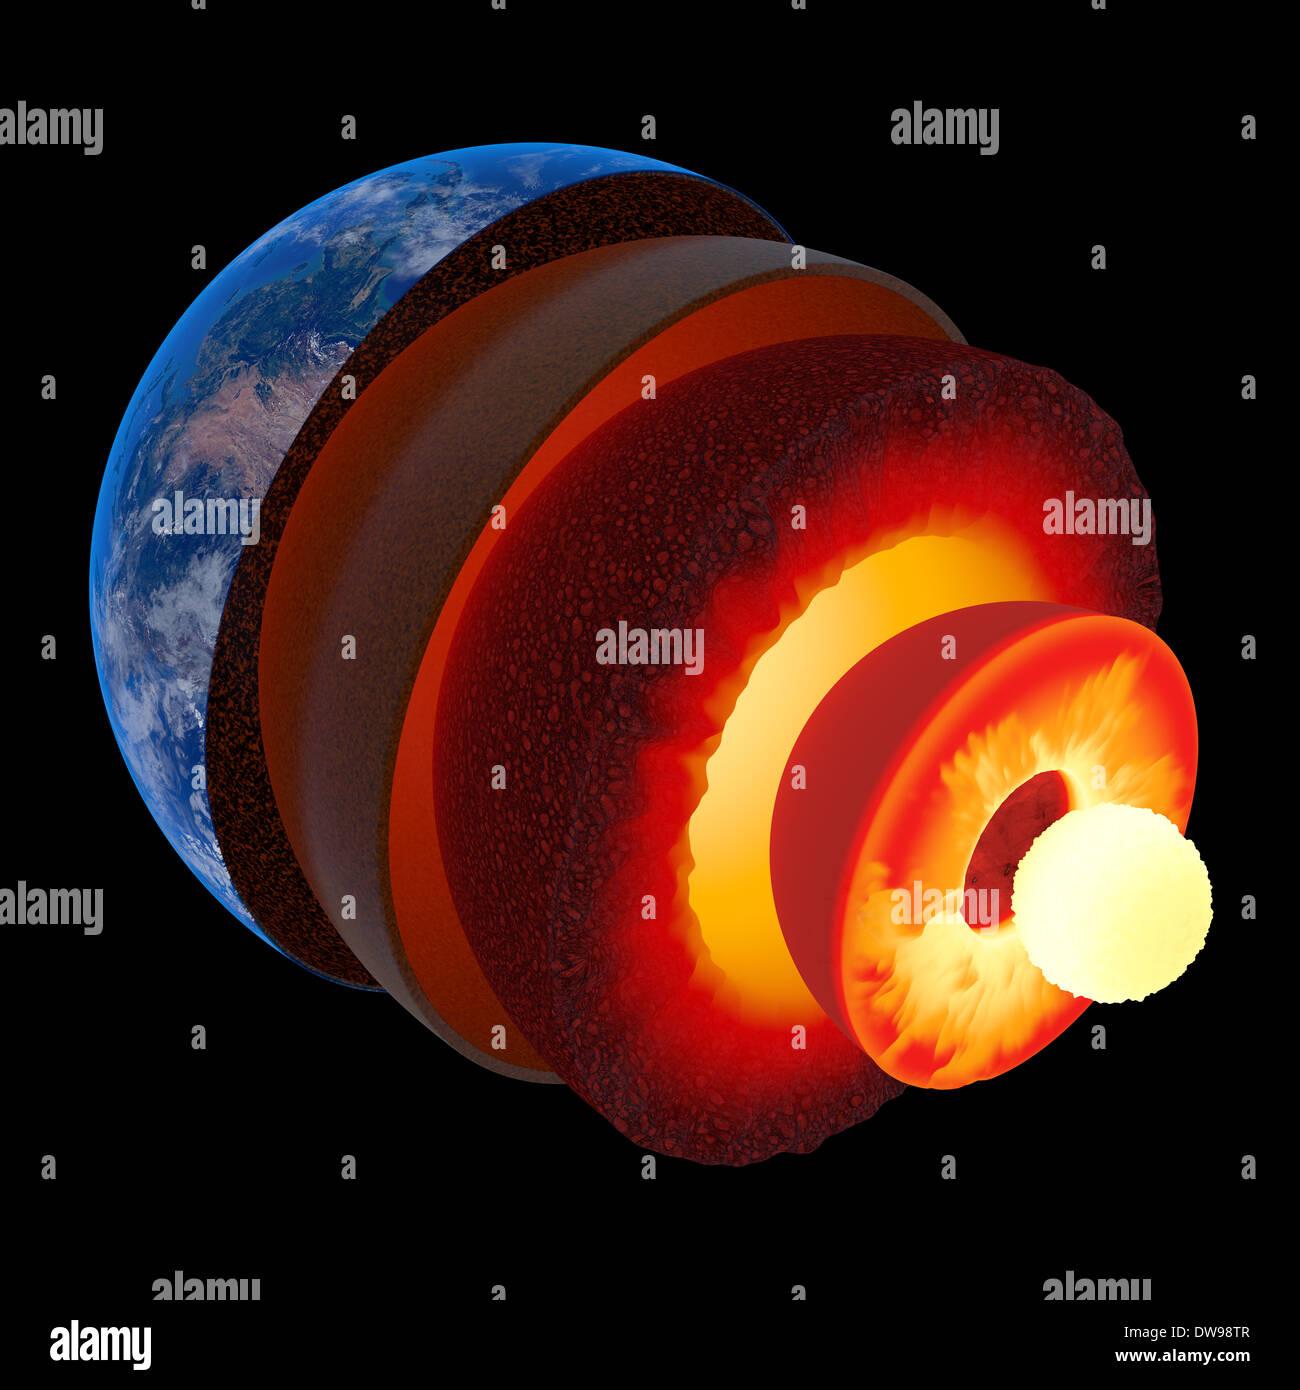 La estructura del núcleo de tierra ilustrado con estratos geológicos según escala - aislados en negro (los mapas de textura de la NASA) Imagen De Stock